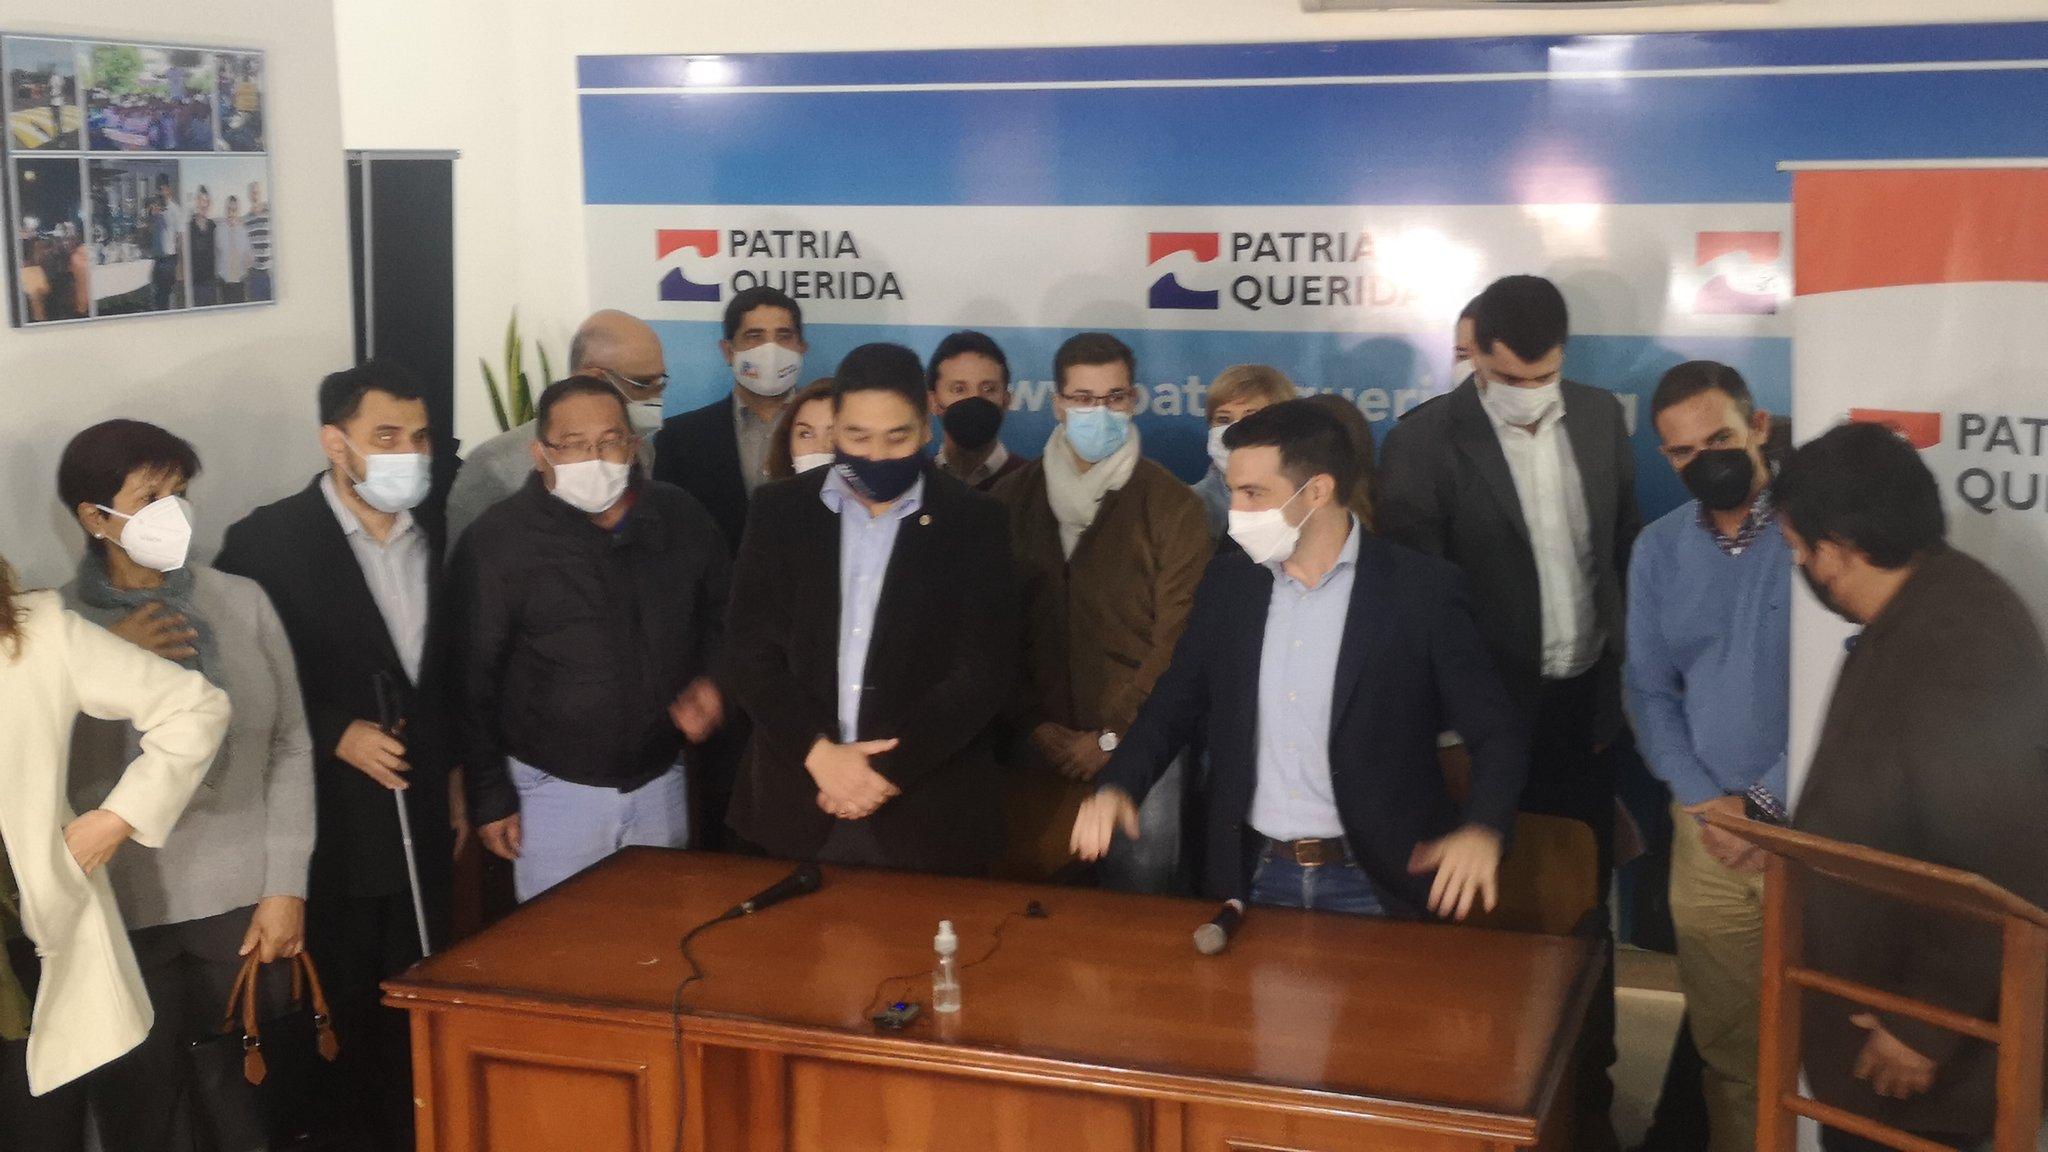 Durante la conferencia de prensa, donde dan a conocer el resultado. (Foto GEN)